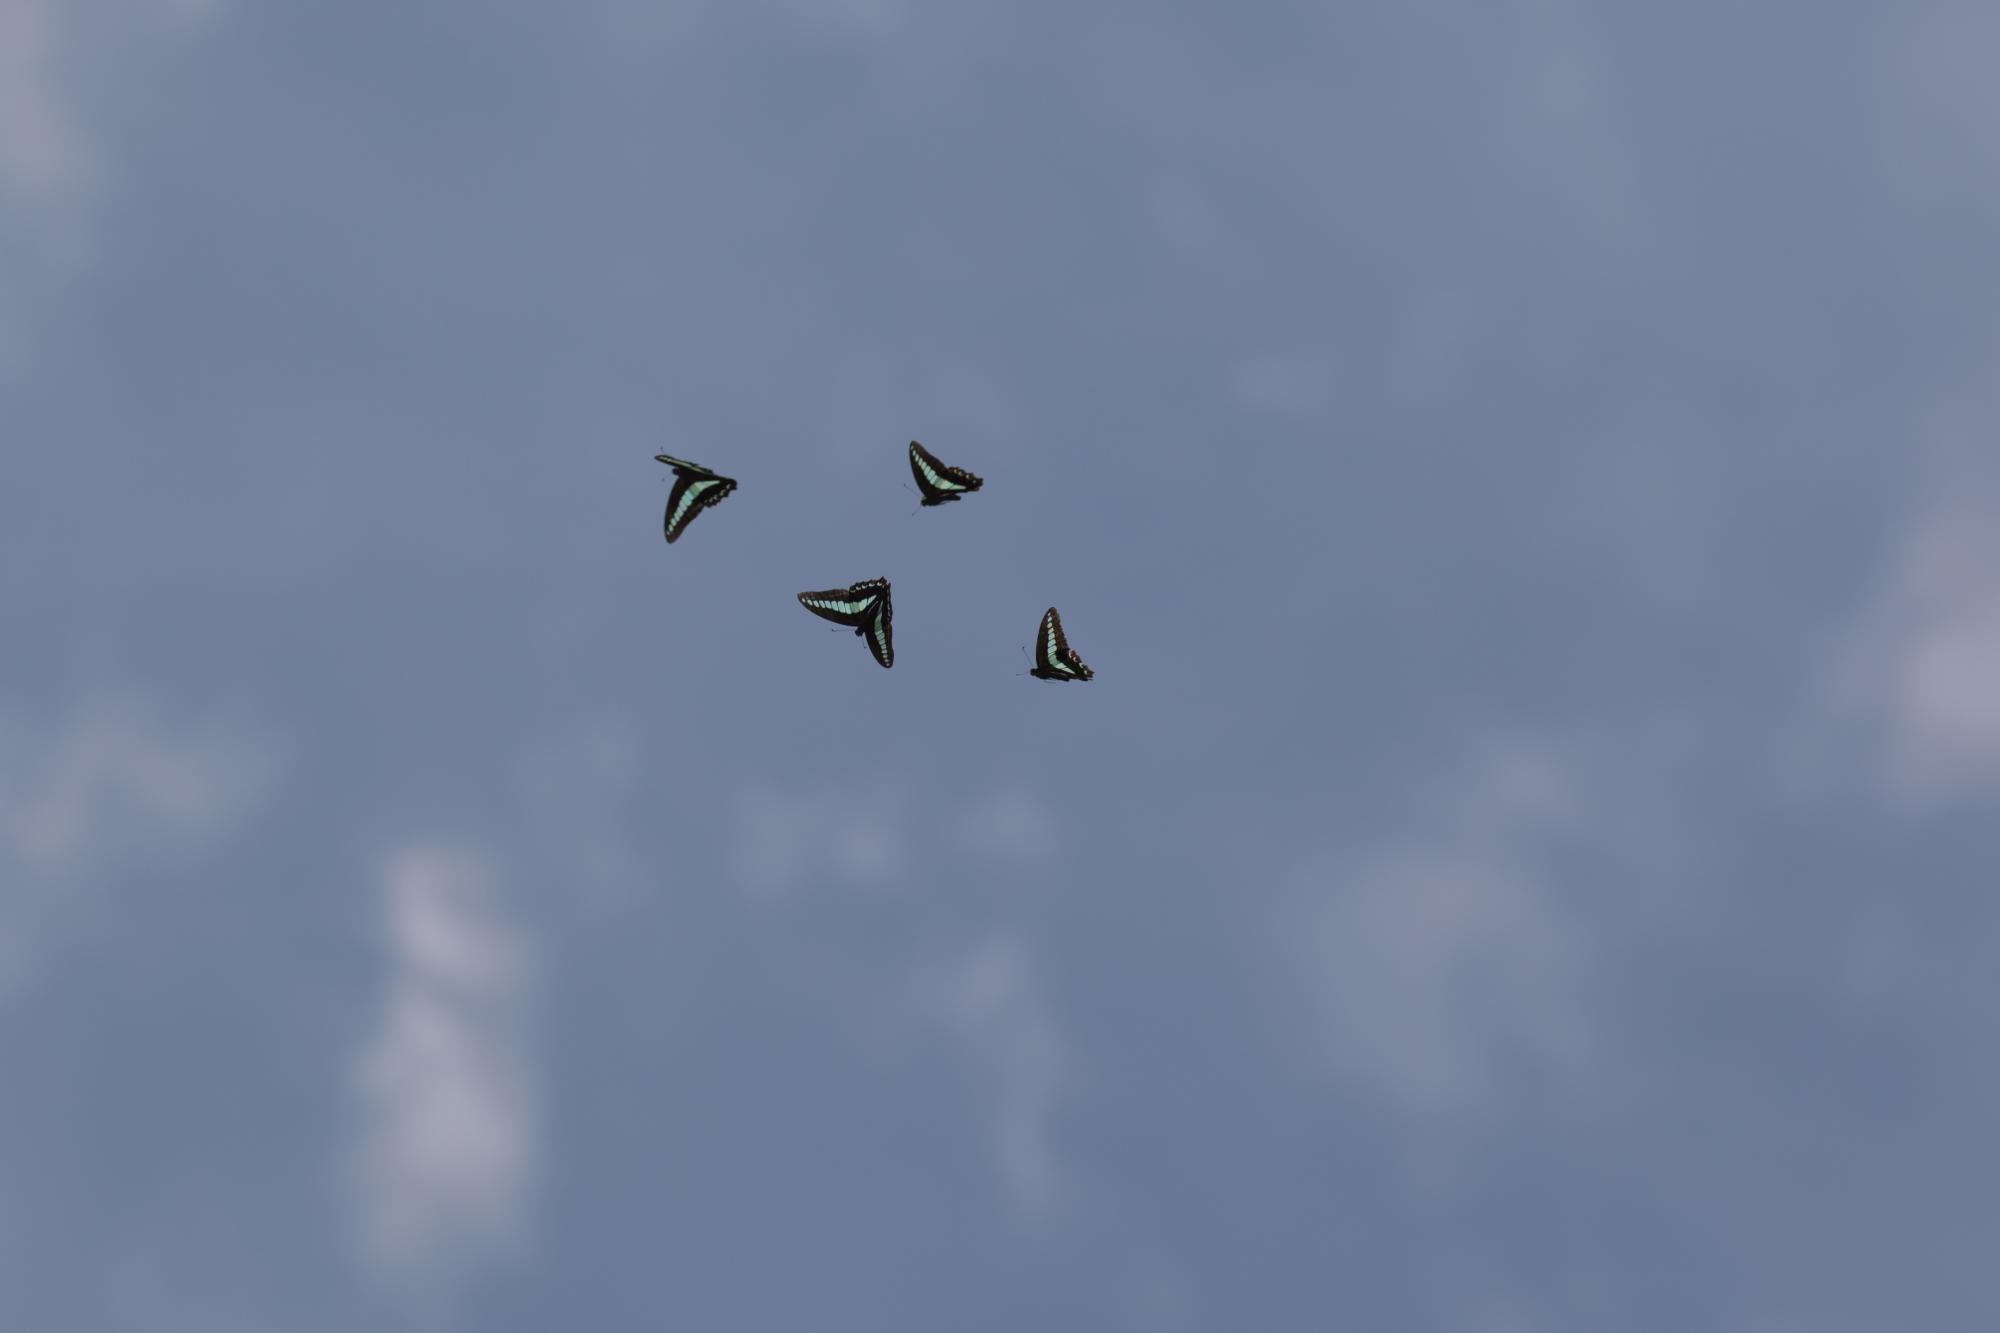 20170722-蝶々飛翔